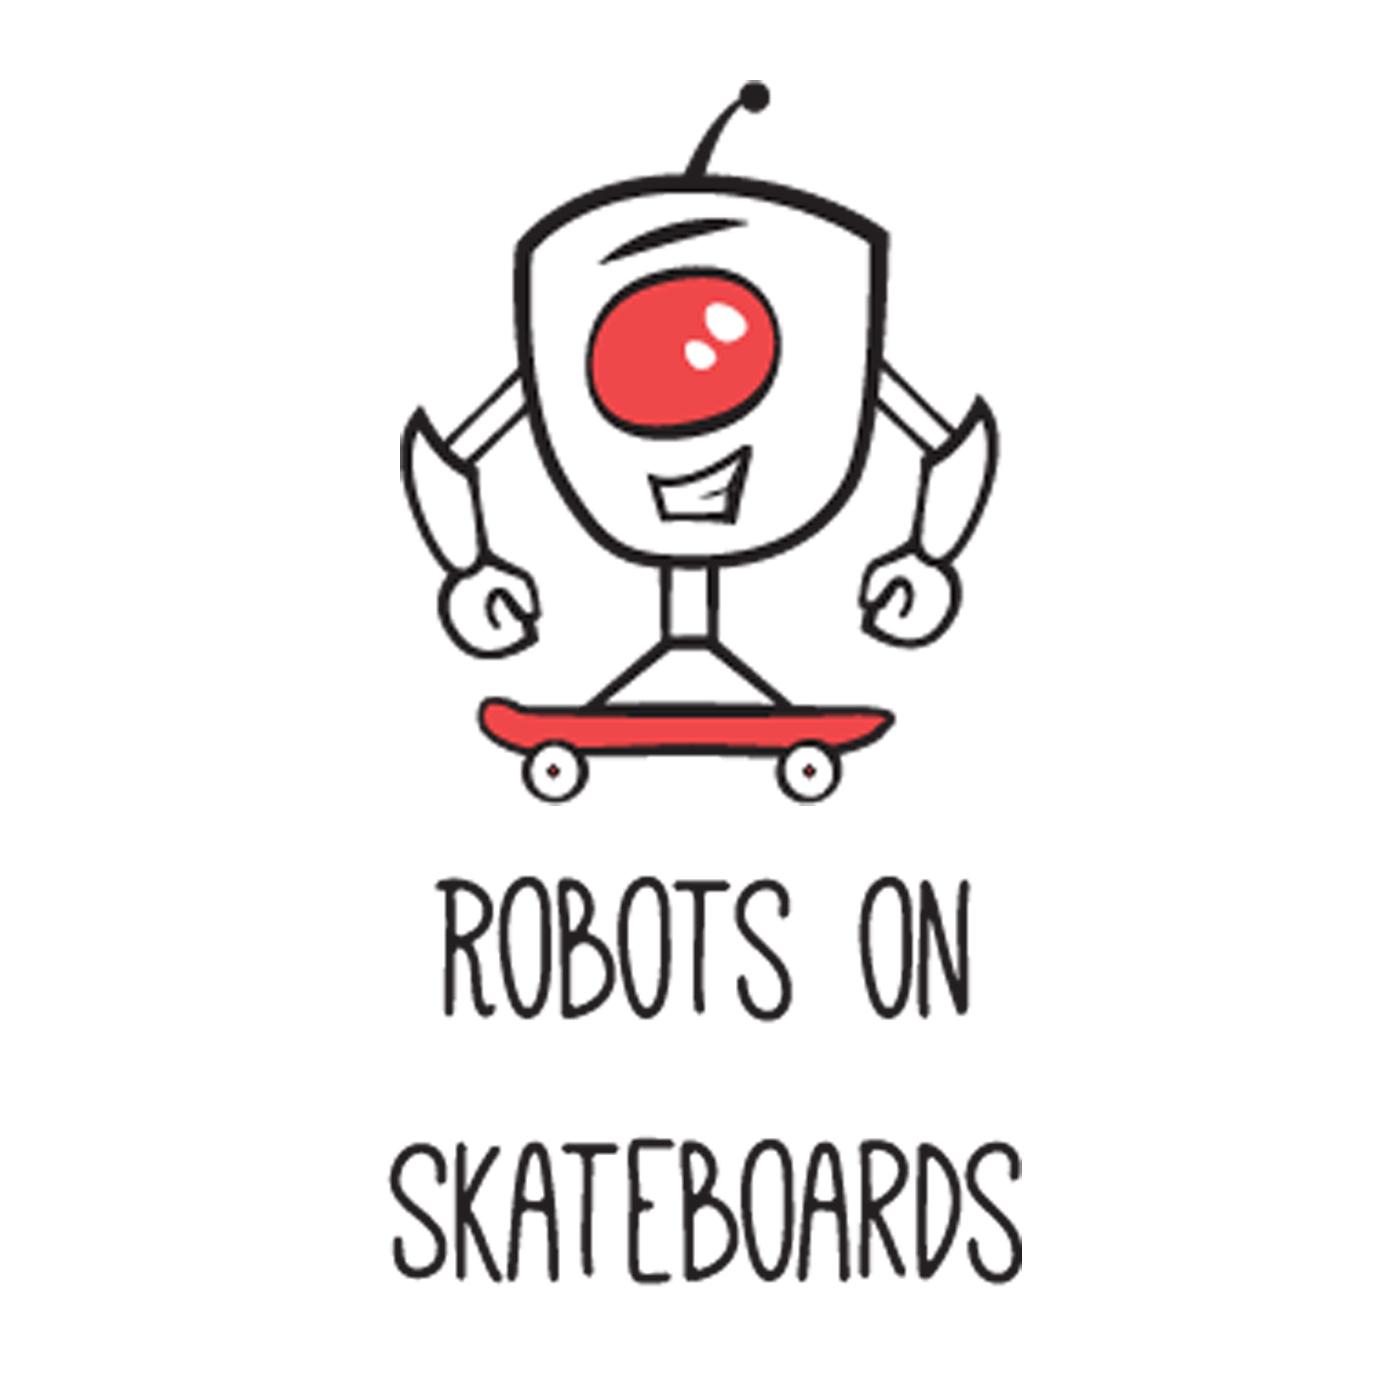 Robots on Skateboards Podcast